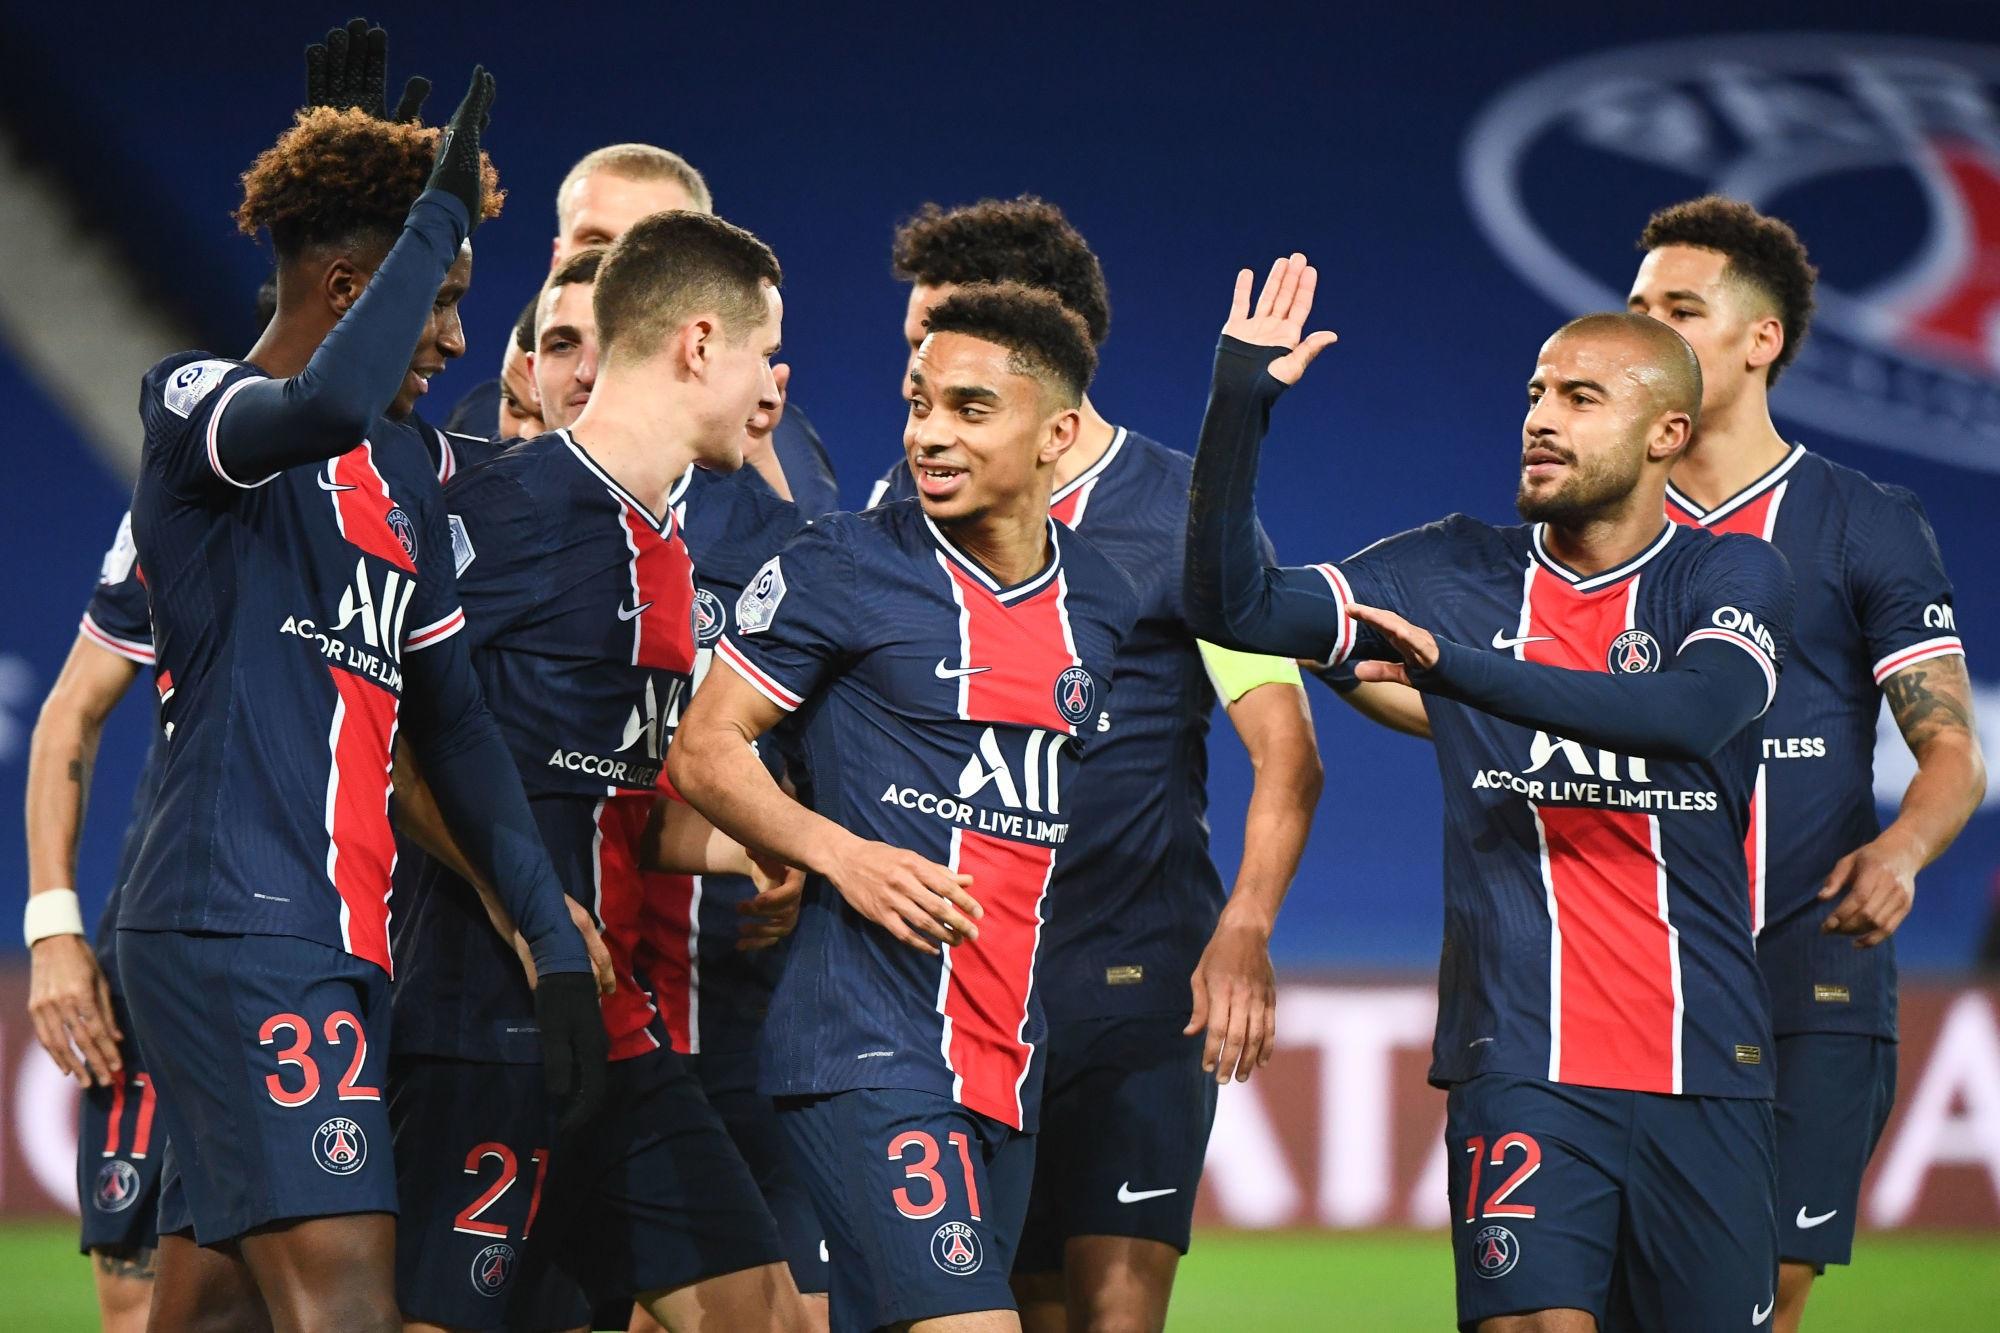 PSG/Strasbourg - Rafinha élu de peu meilleur joueur parisien par les supporters